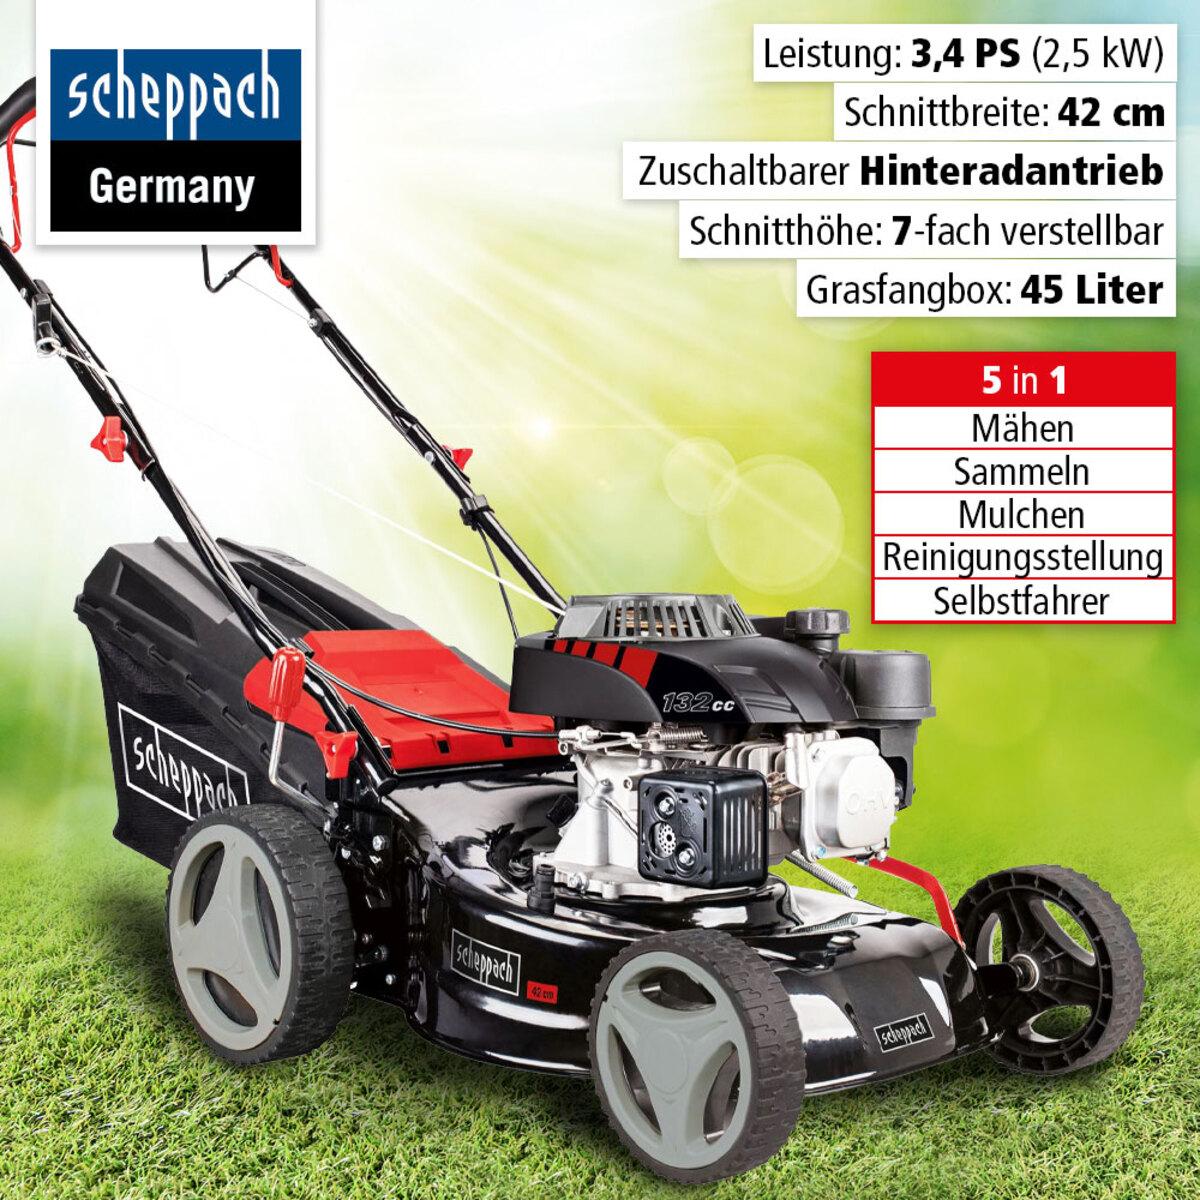 Bild 1 von Scheppach Benzin-Rasenmäher MS132-42